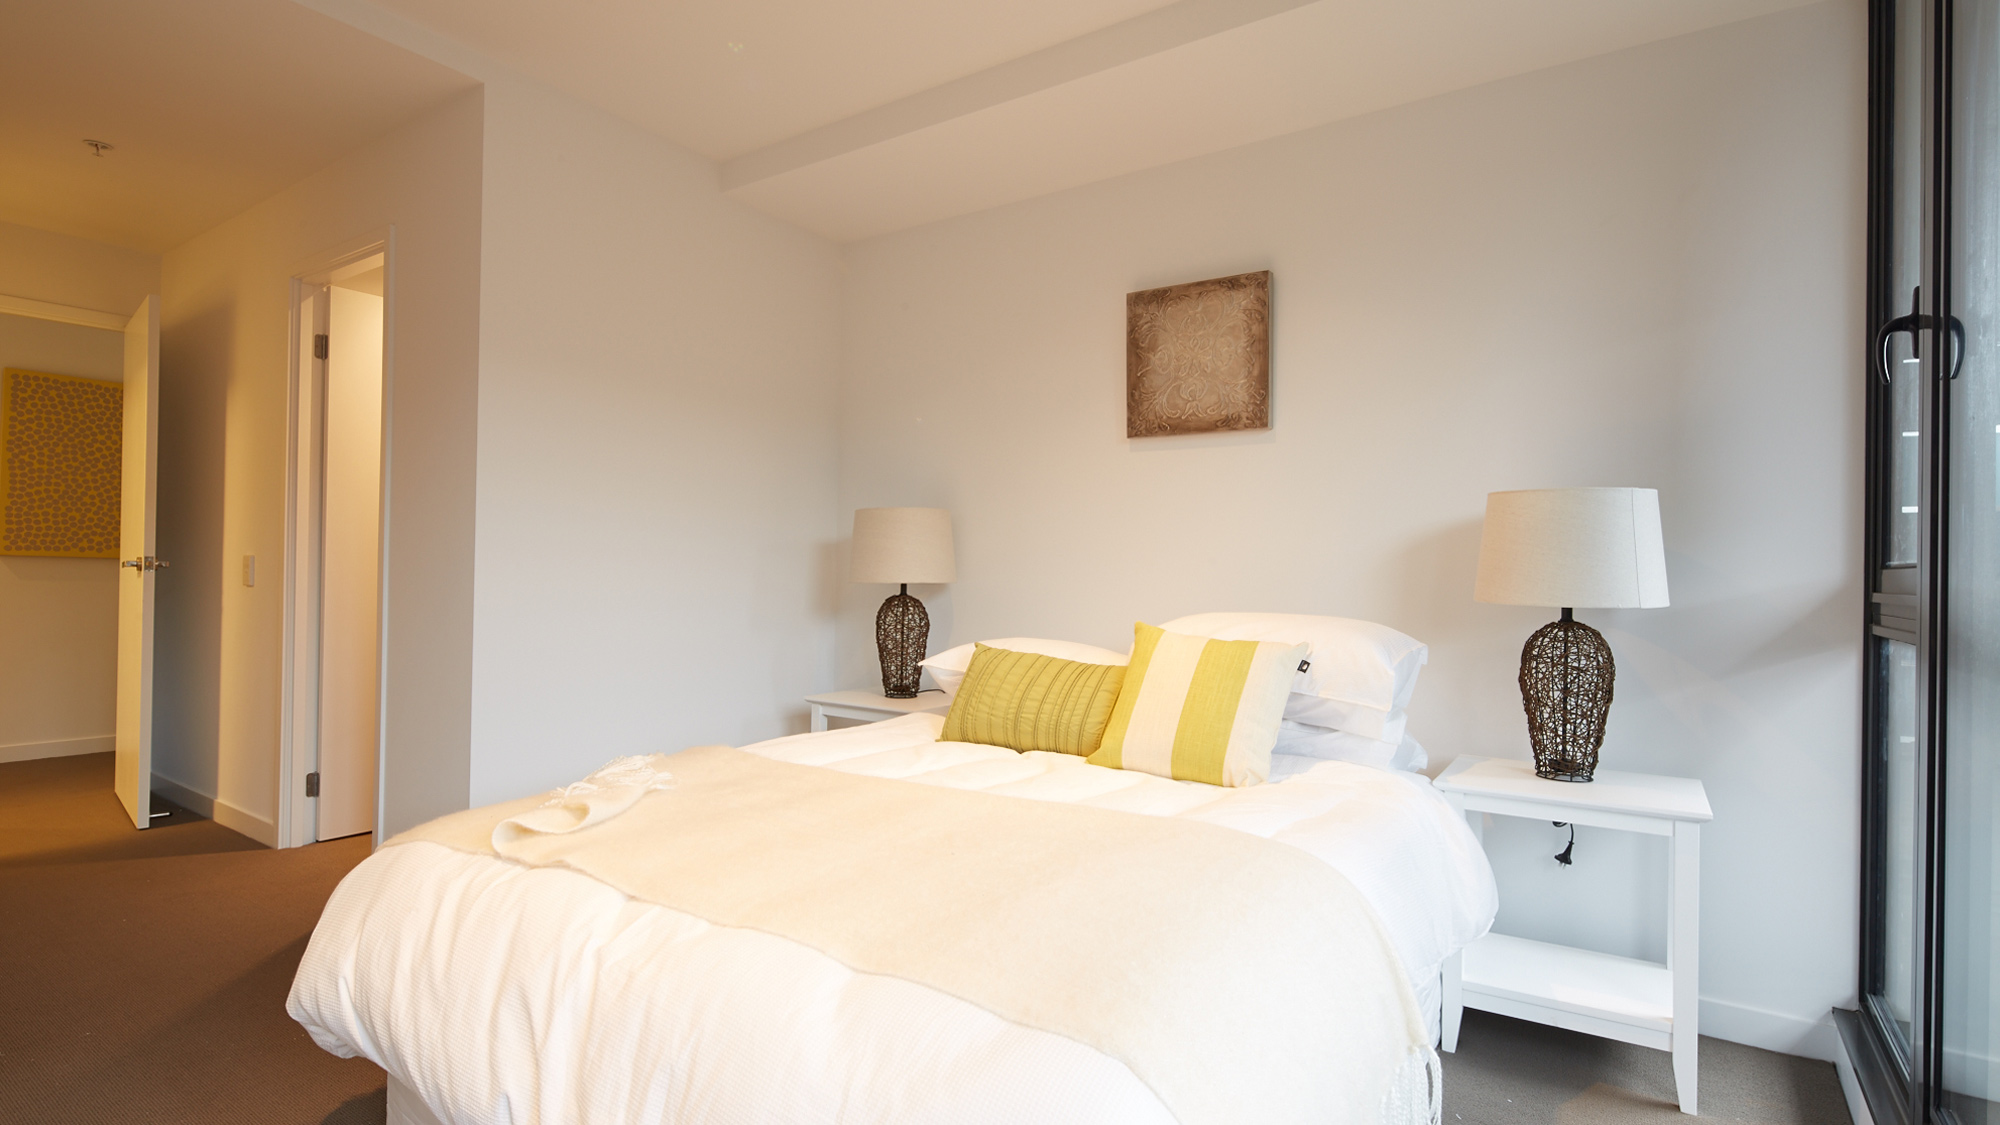 Upper West Side Hudson bedroom